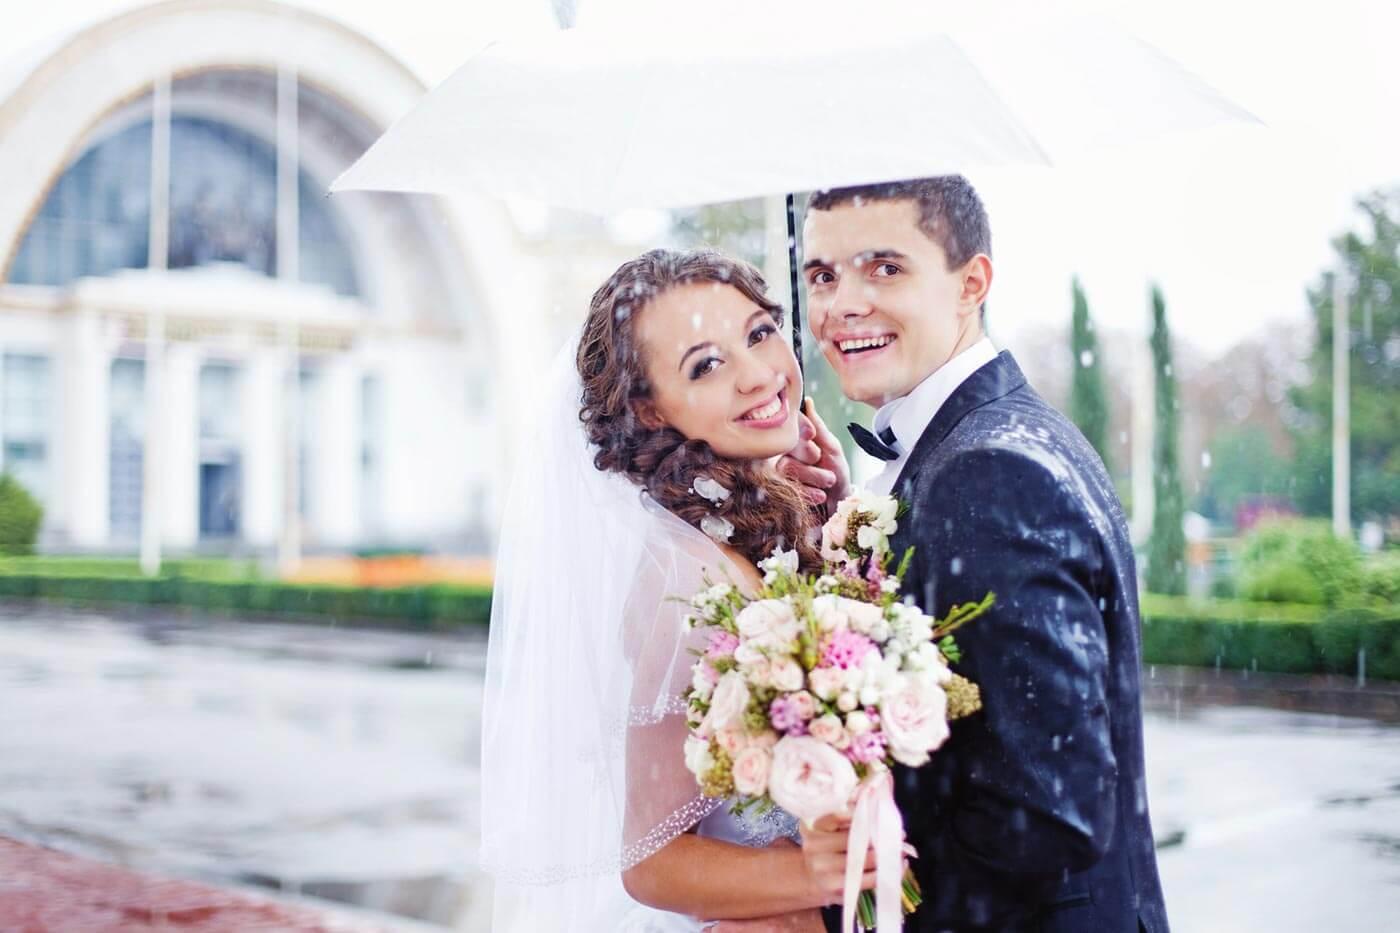 Zur Hochzeit Regen So freut ihr euch trotzdem